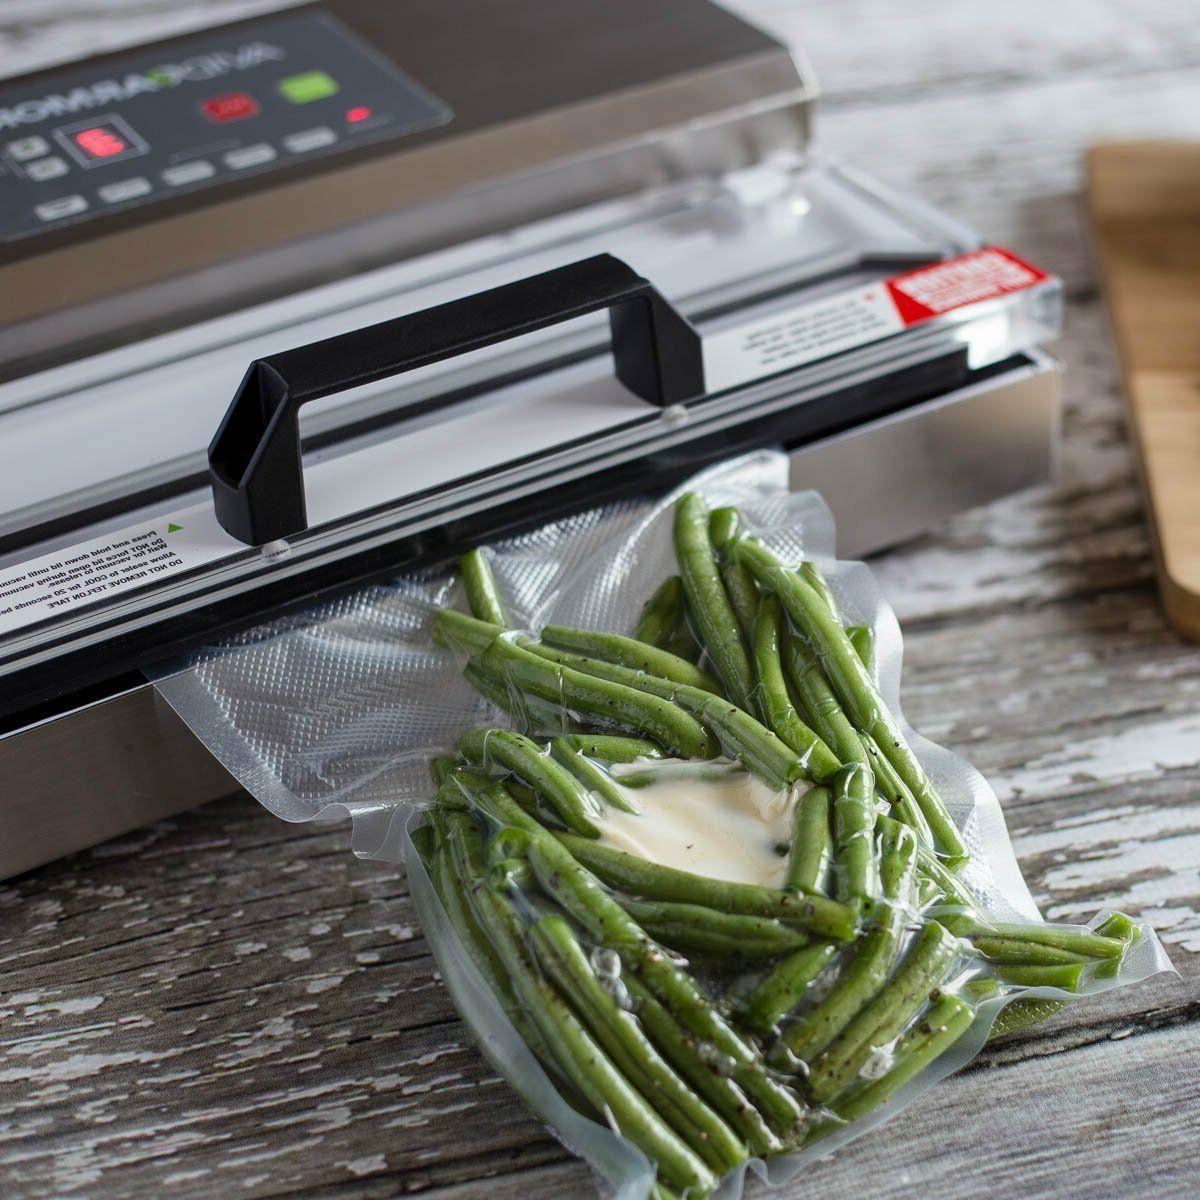 4 Pack Food 11 25' Seal a Meal Vacuum BPA Free